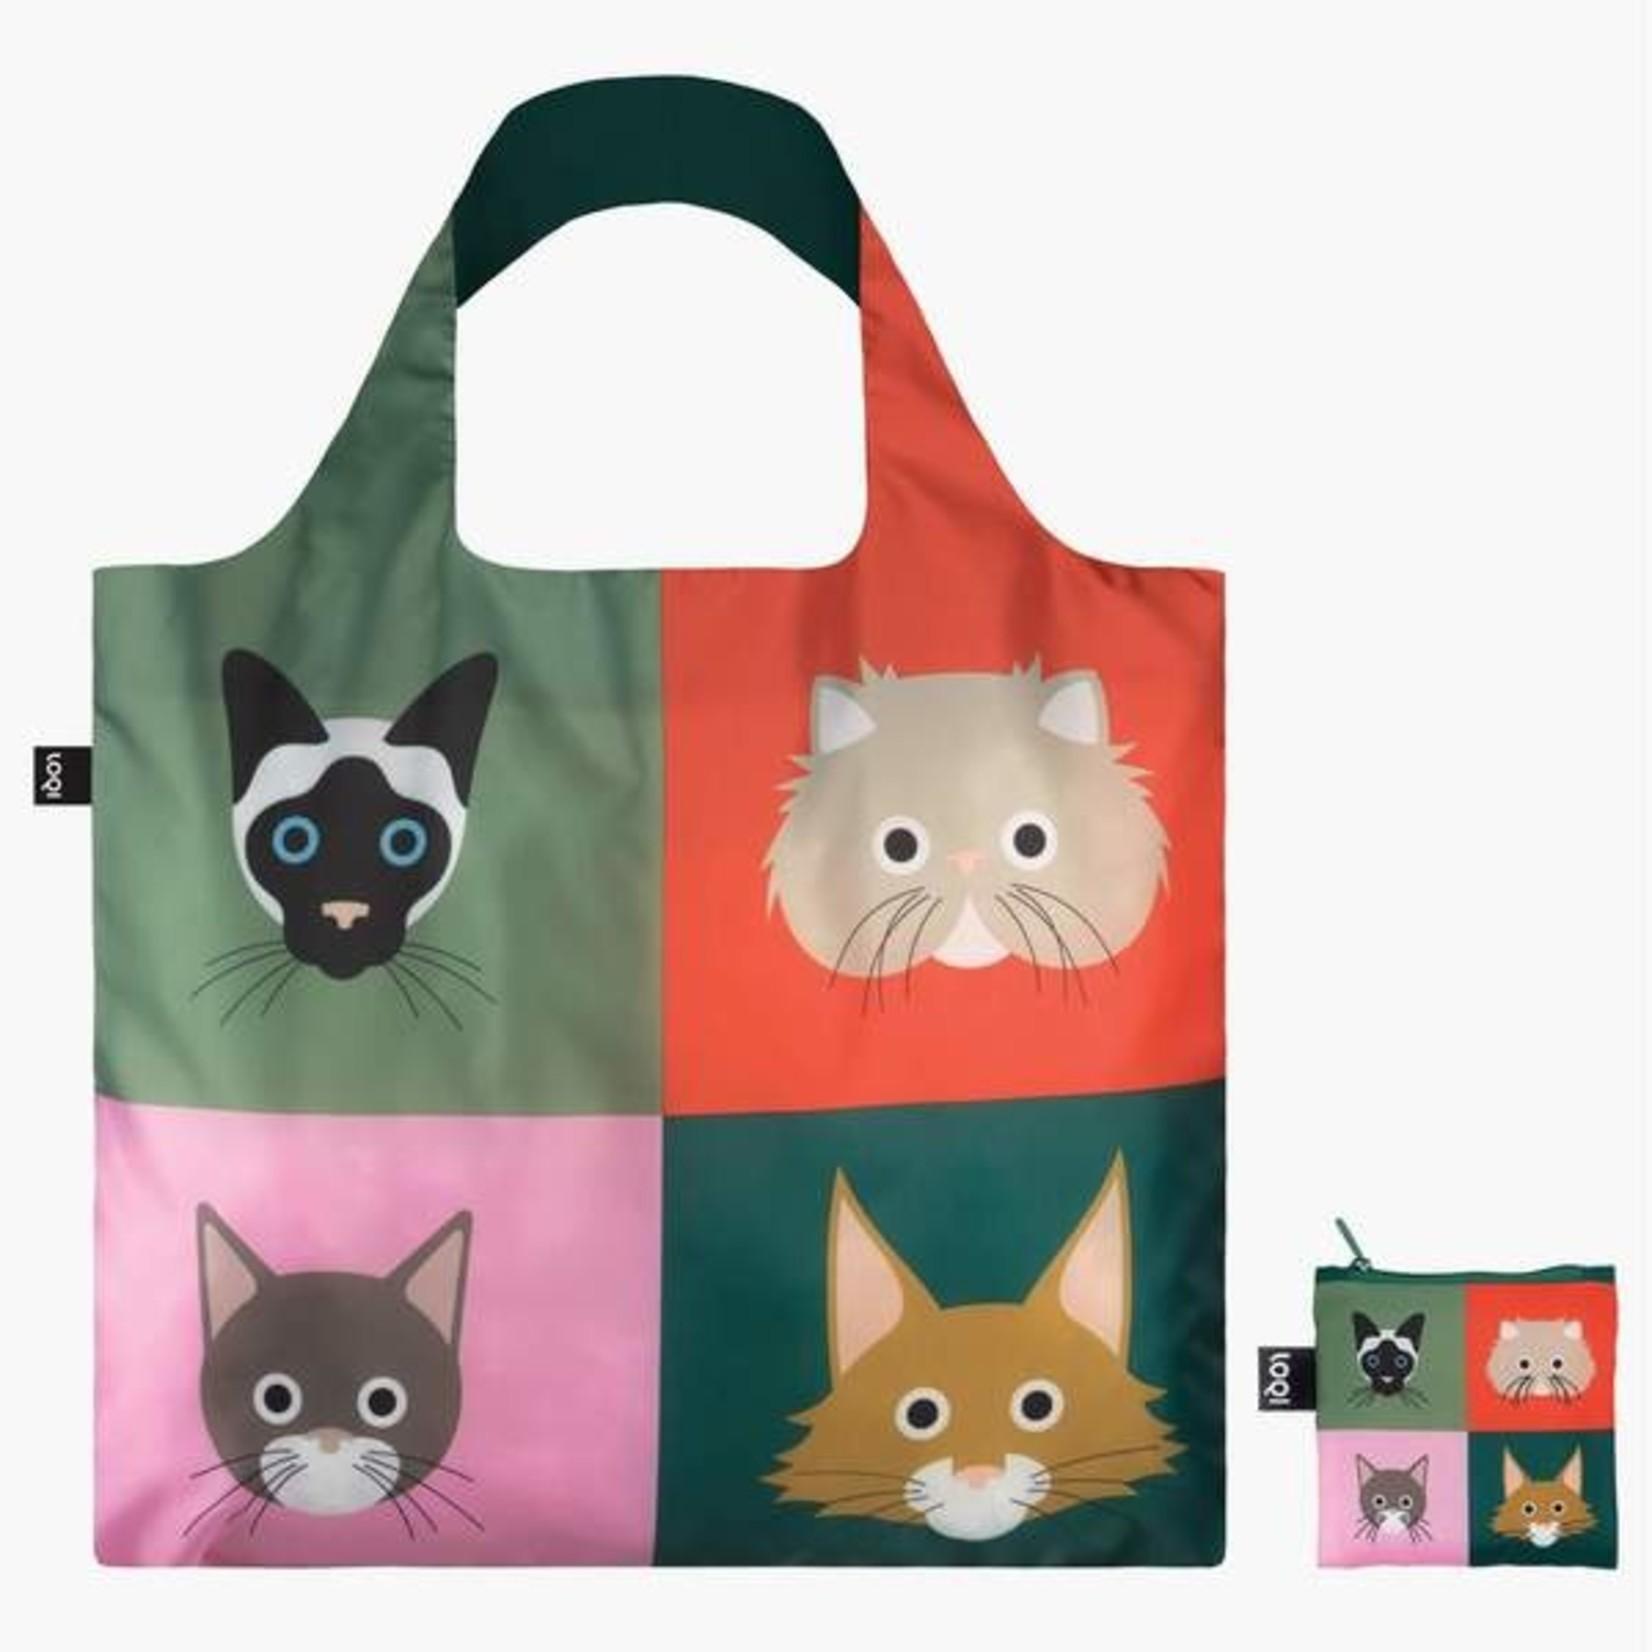 Loqi Bag: Cats